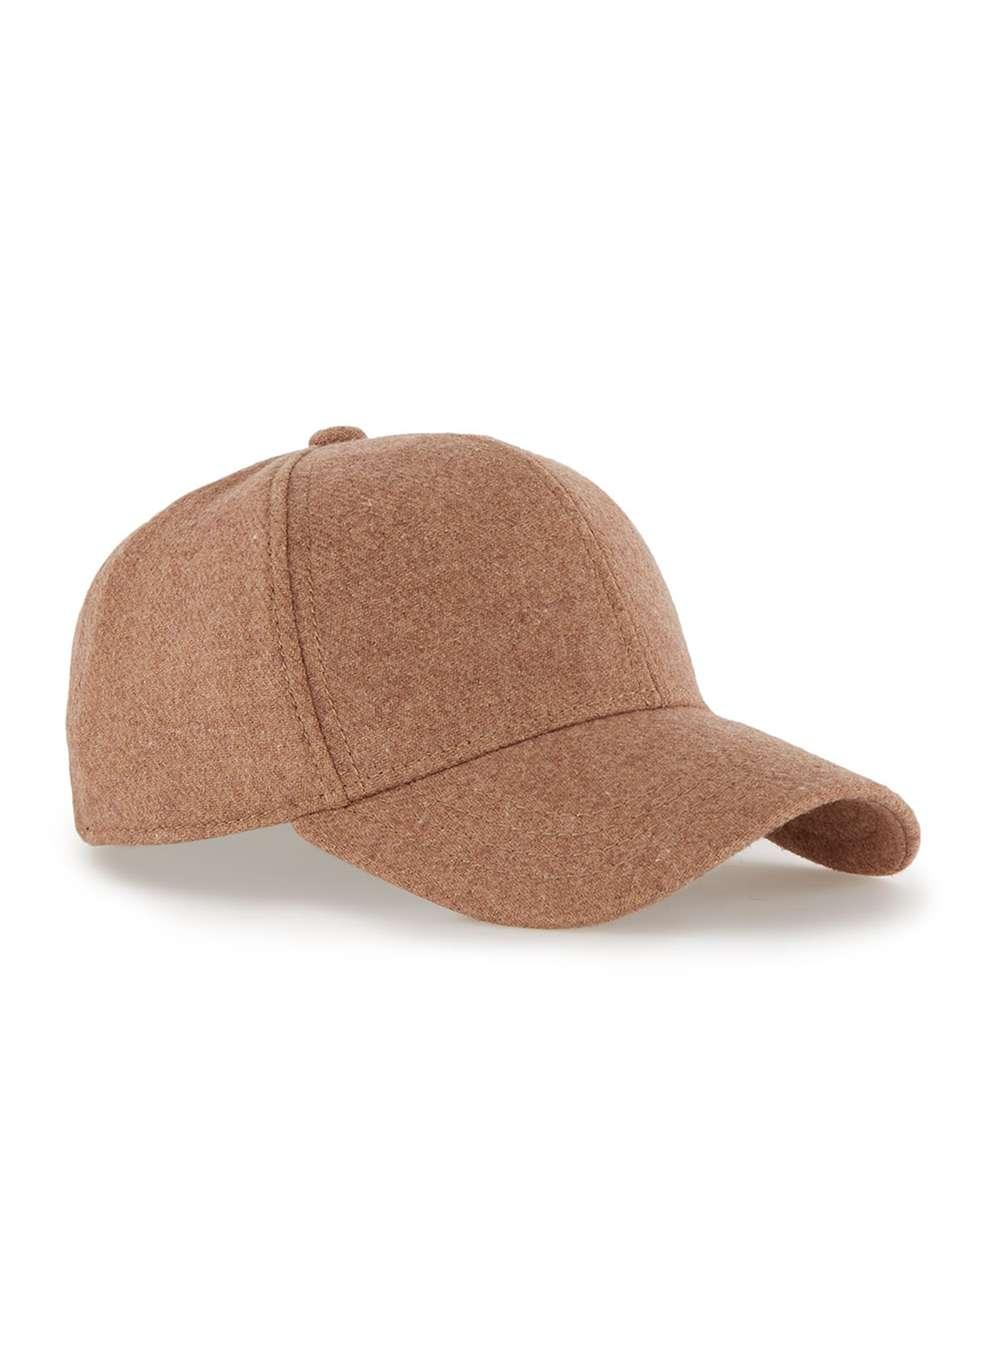 TOPMAN PREMIUM Tobacco Curved Peak Cap , £20